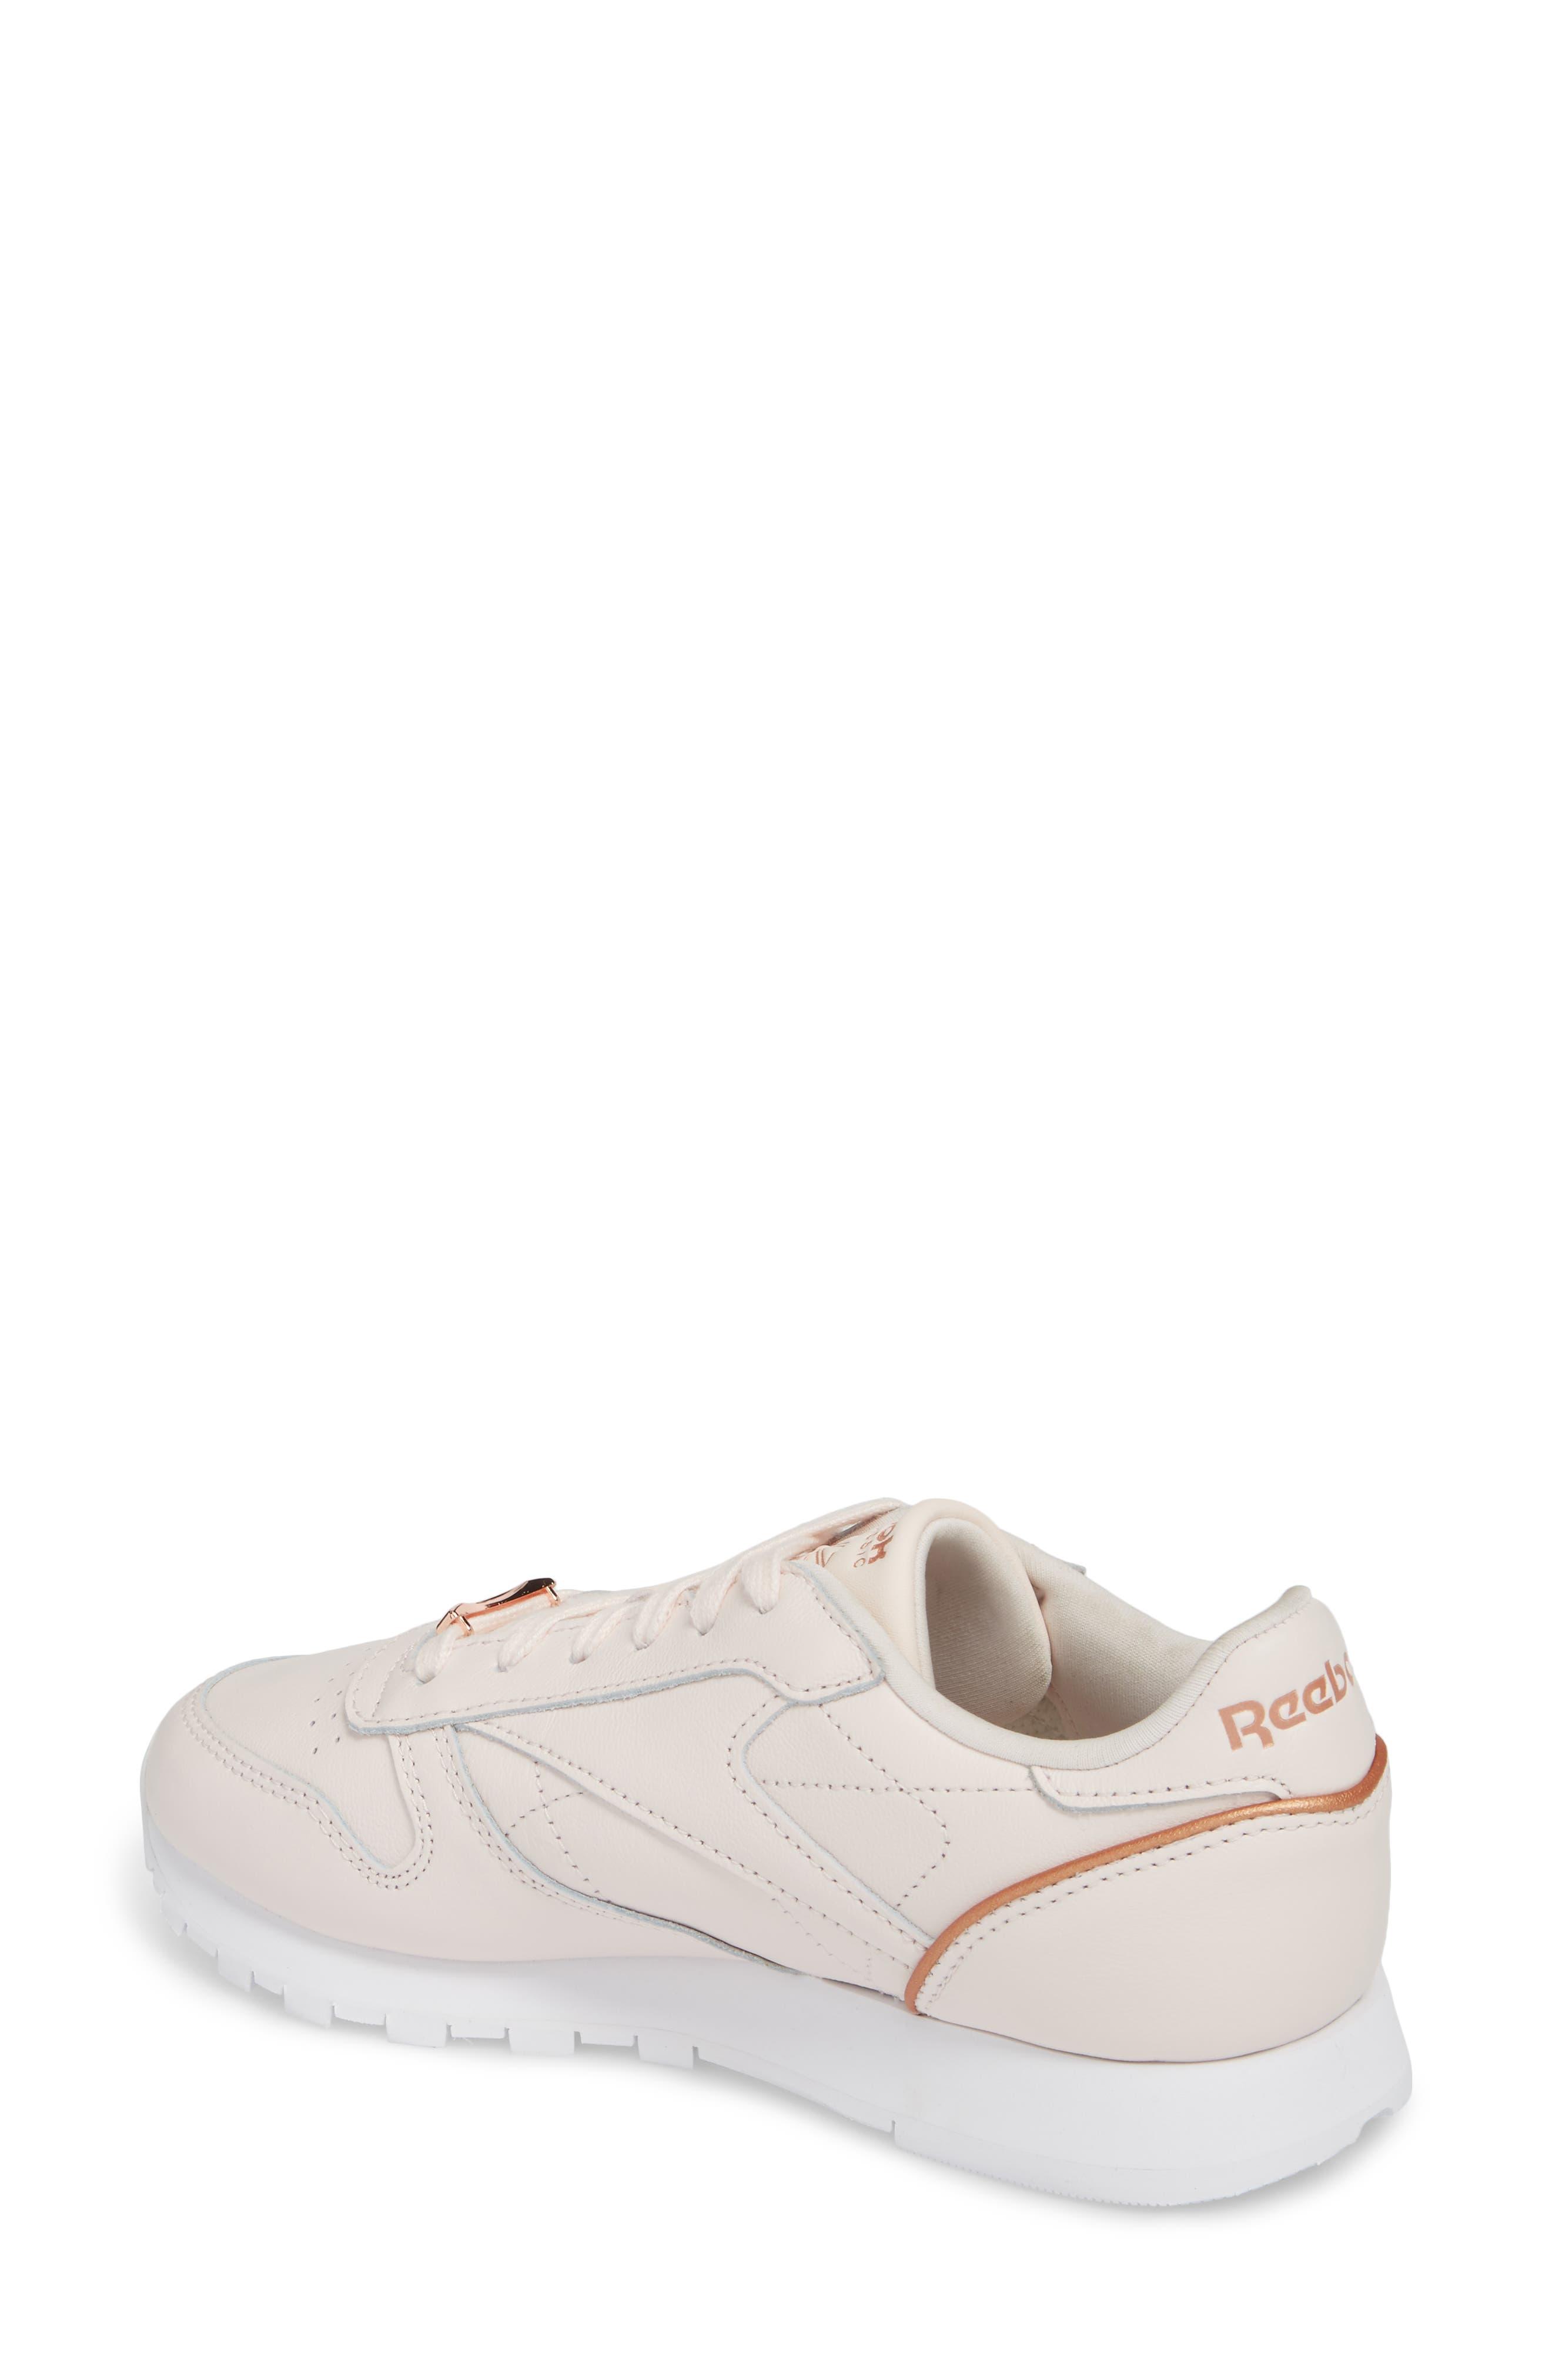 Alternate Image 2  - Reebok Classic Leather HW Sneaker (Women)